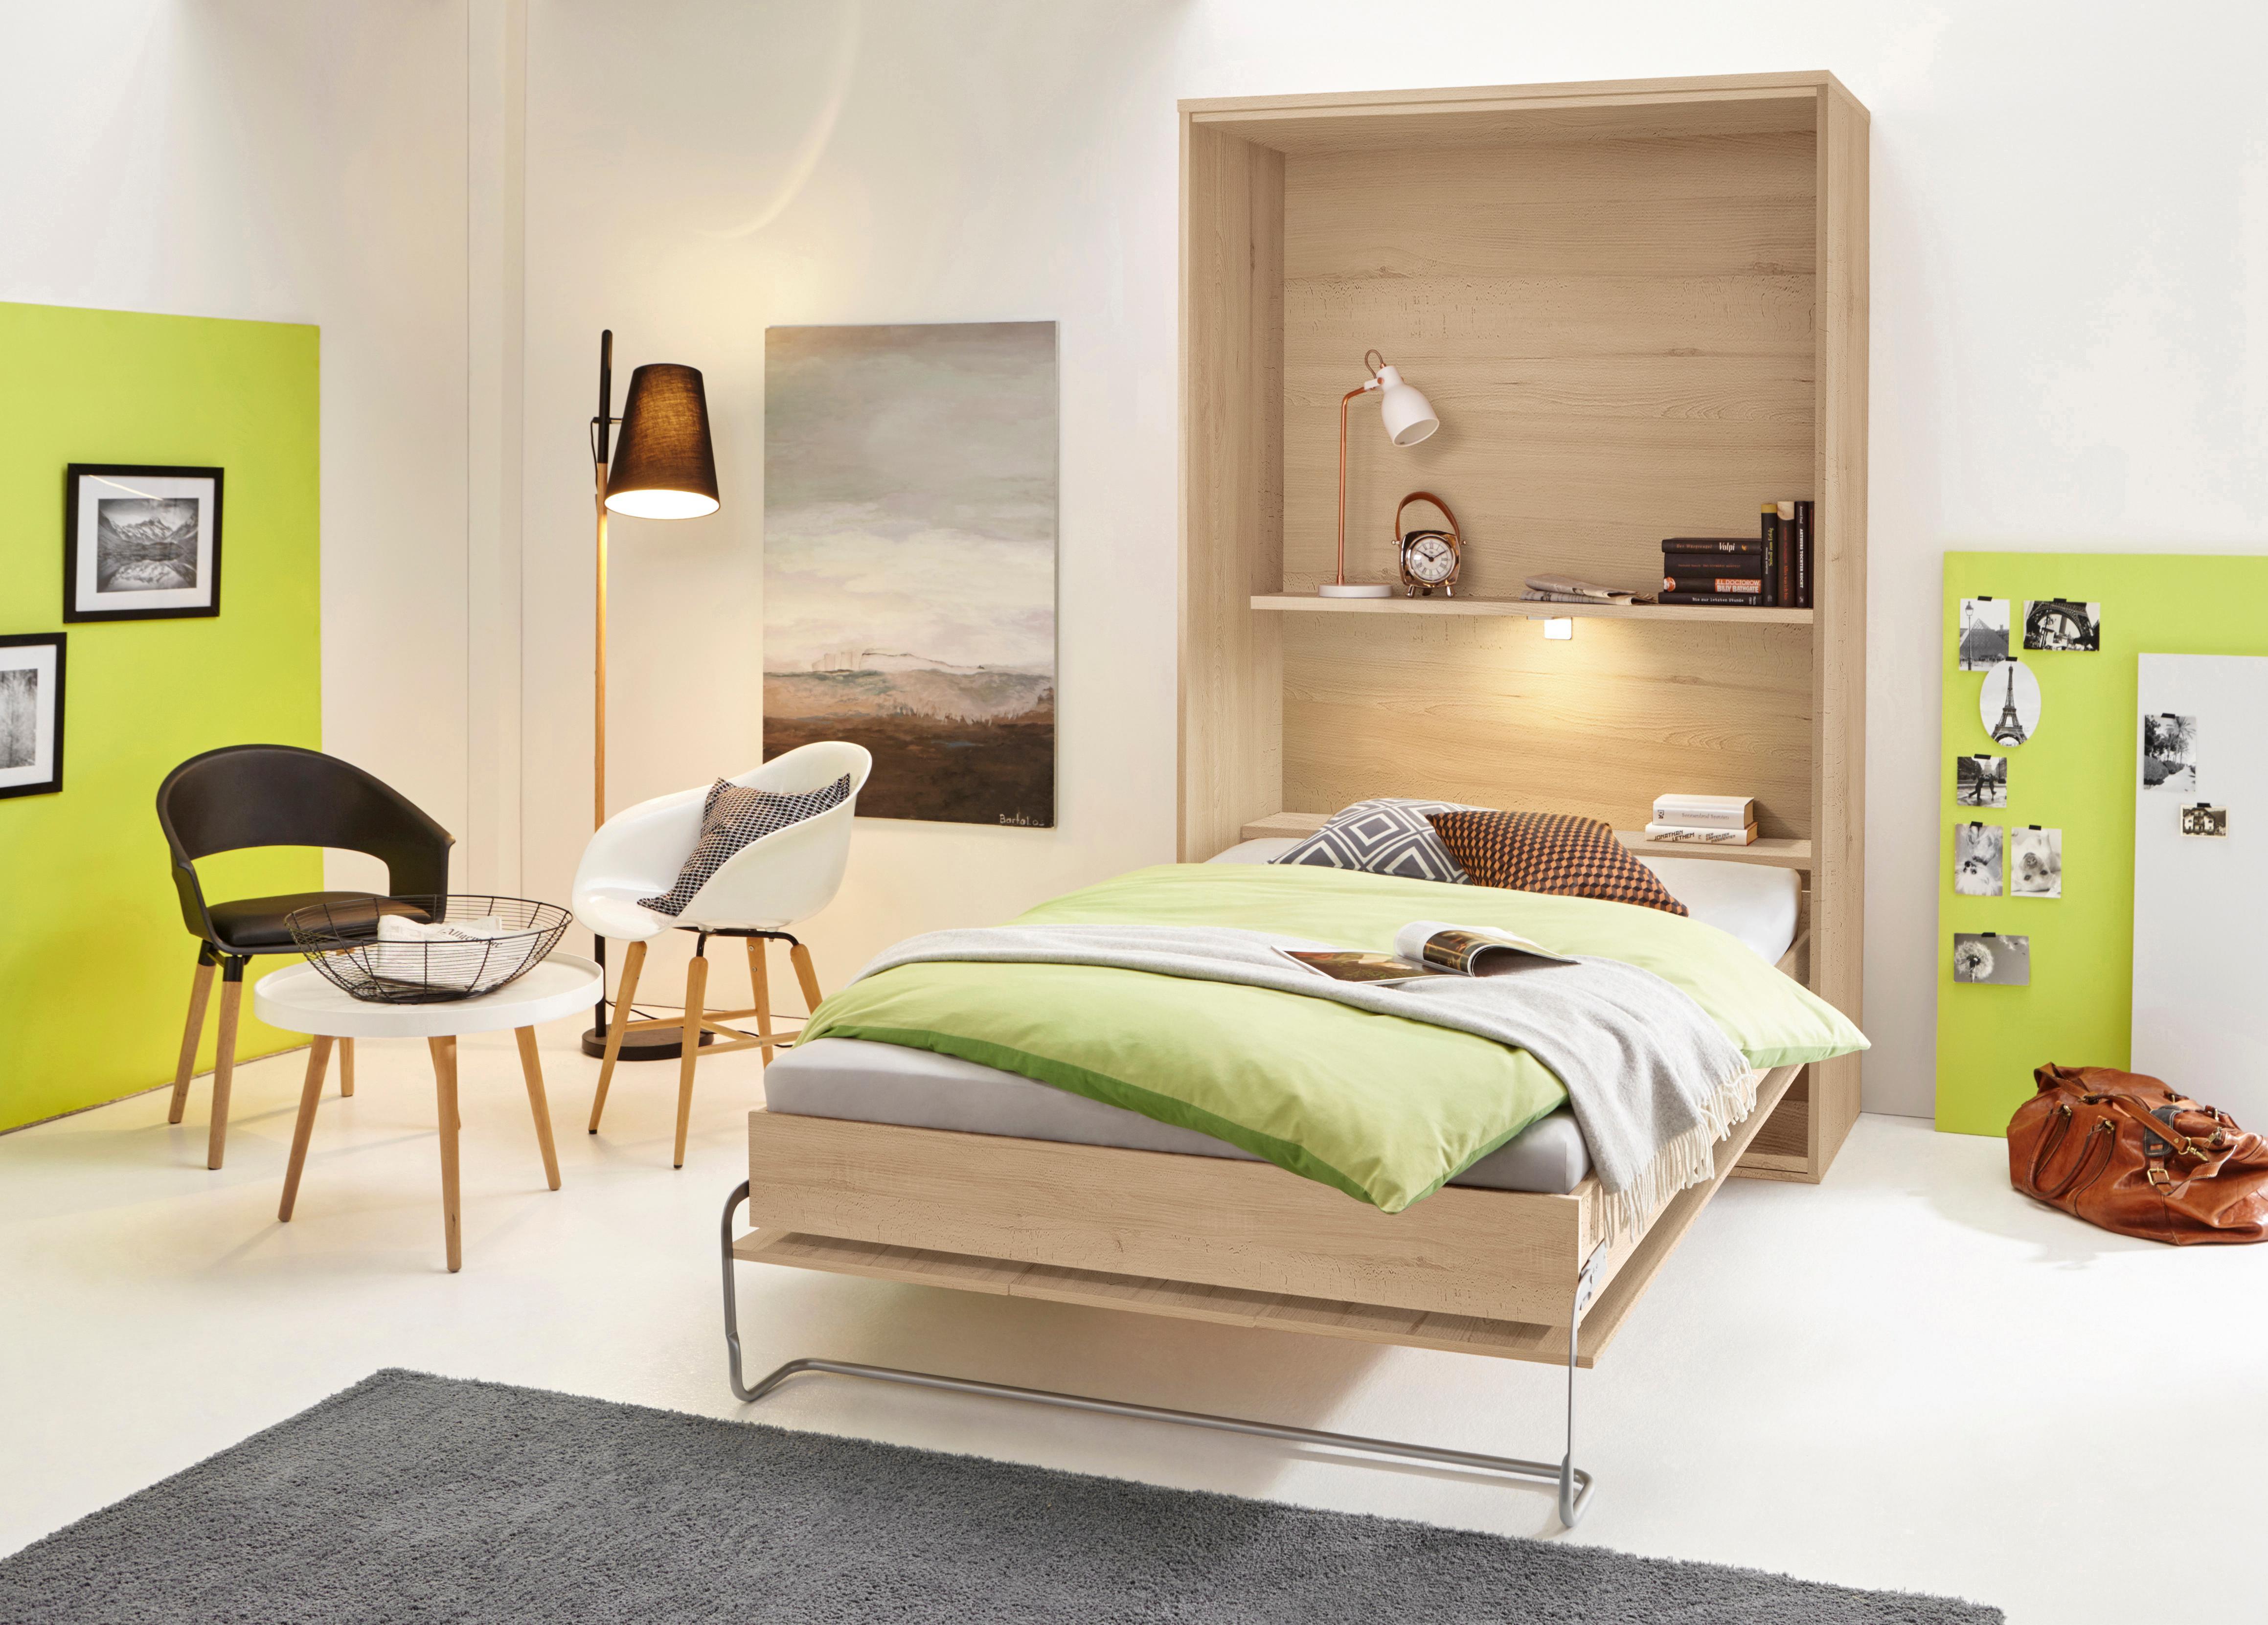 Schrankbett | Schlafzimmer > Betten > Schrankbetten